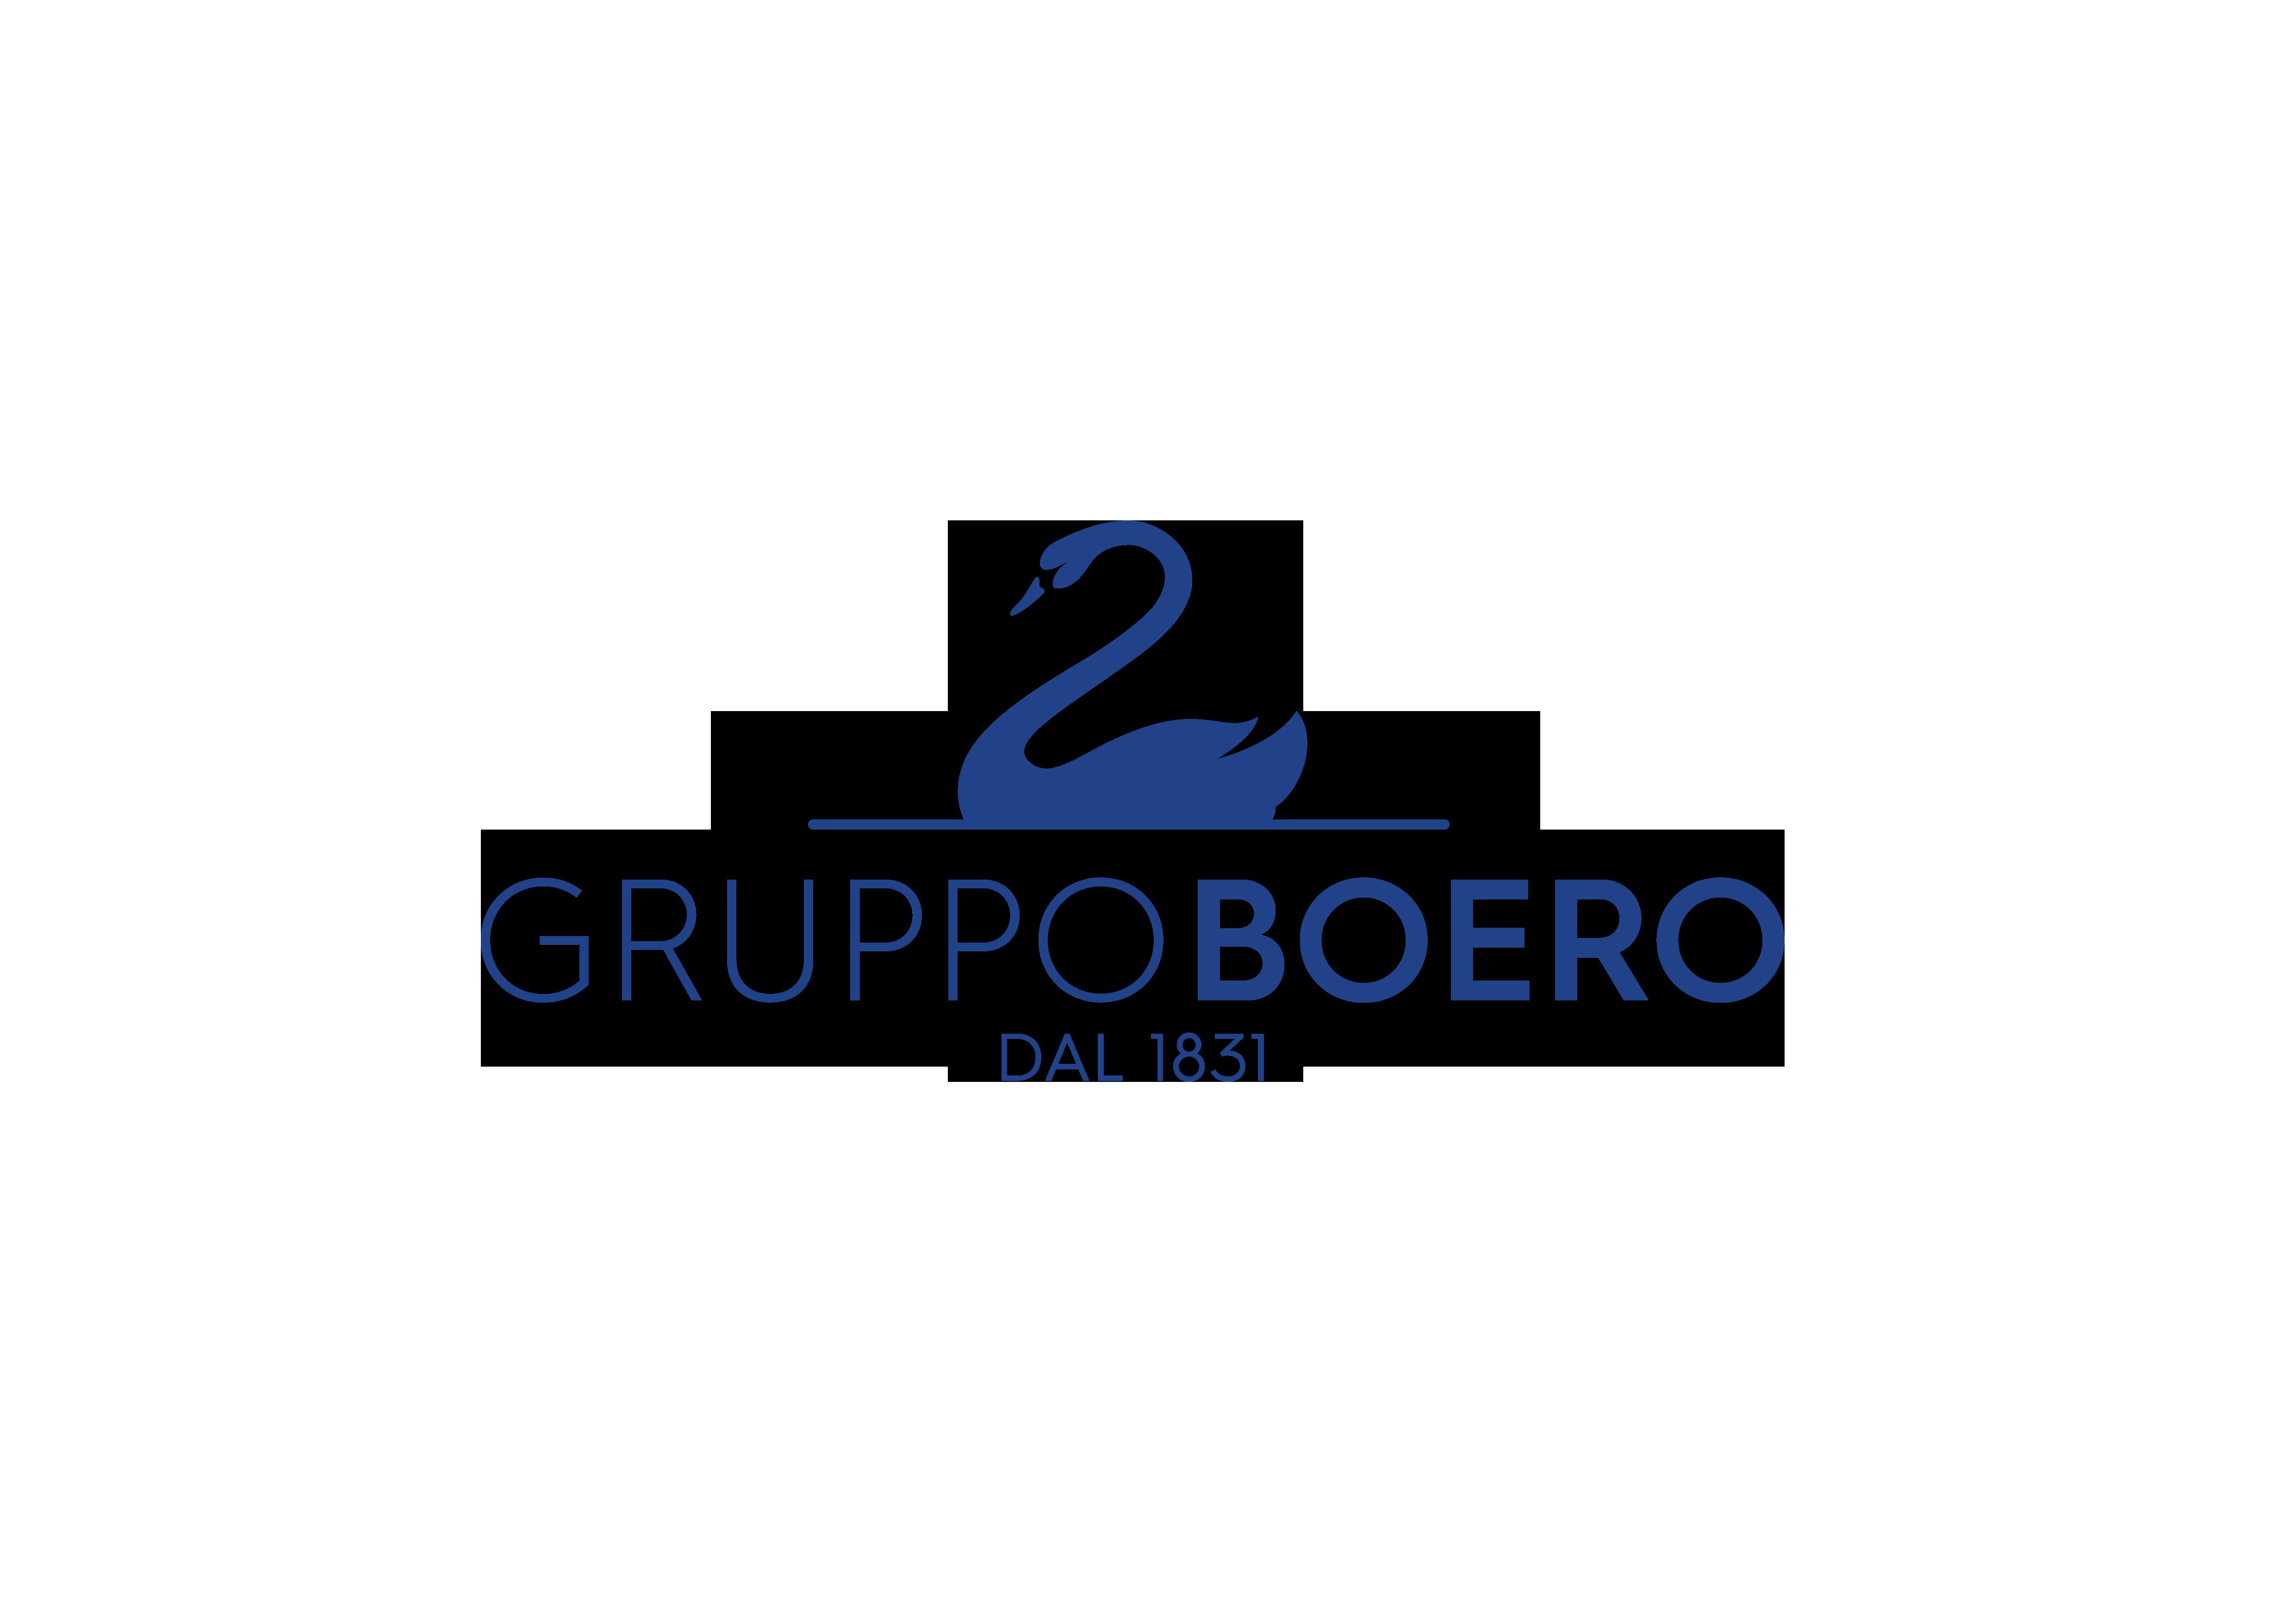 Gruppo Boero 1831 sponsor genova profumata